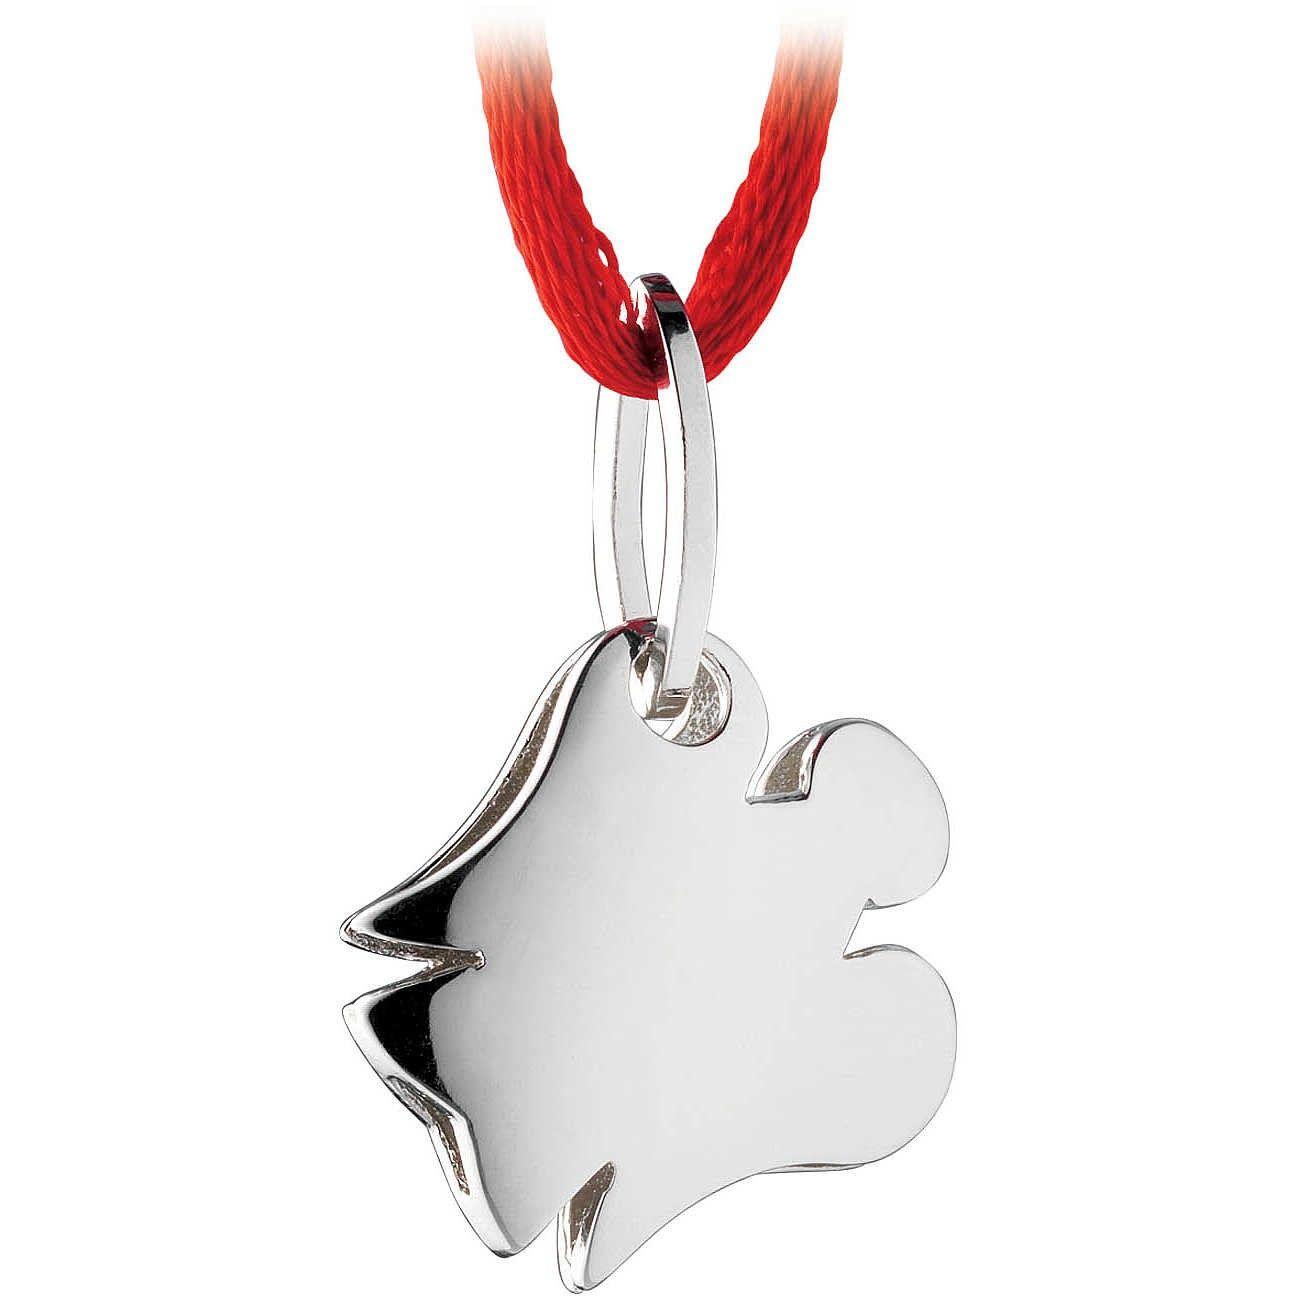 Ciondolo in argento a forma di Angelo. Un pendente per collane, borse e braccialetti originale e dal design moderno | Roberto Giannotti  #Angelo #Angelo #angioletto #angioletti #ciondoli #ciondolo #charm #charms #pendente #pendenti